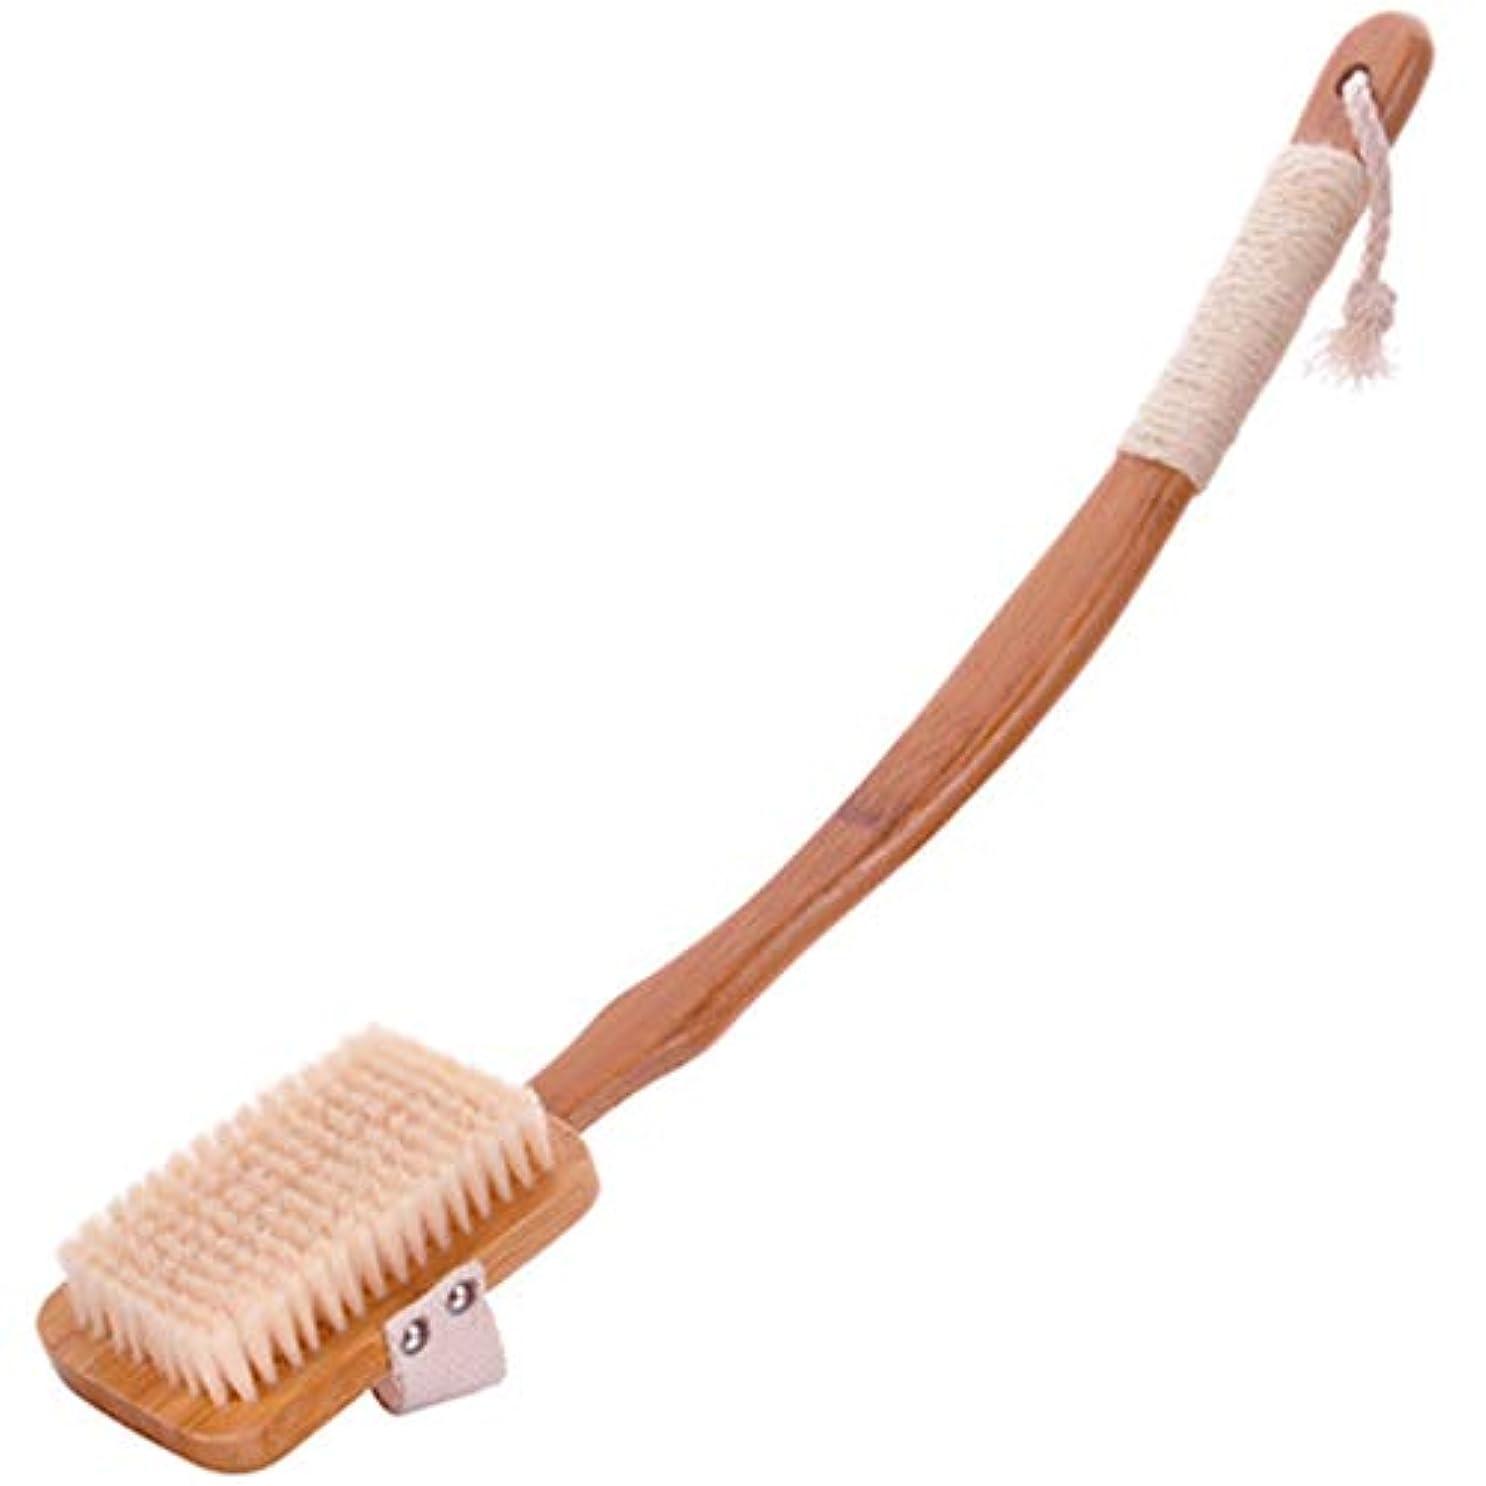 同級生石油調和のとれたバスブラシバックブラシロングハンドルやわらかい毛髪バスブラシバスブラシ角質除去クリーニングブラシ (Color : Wood color)